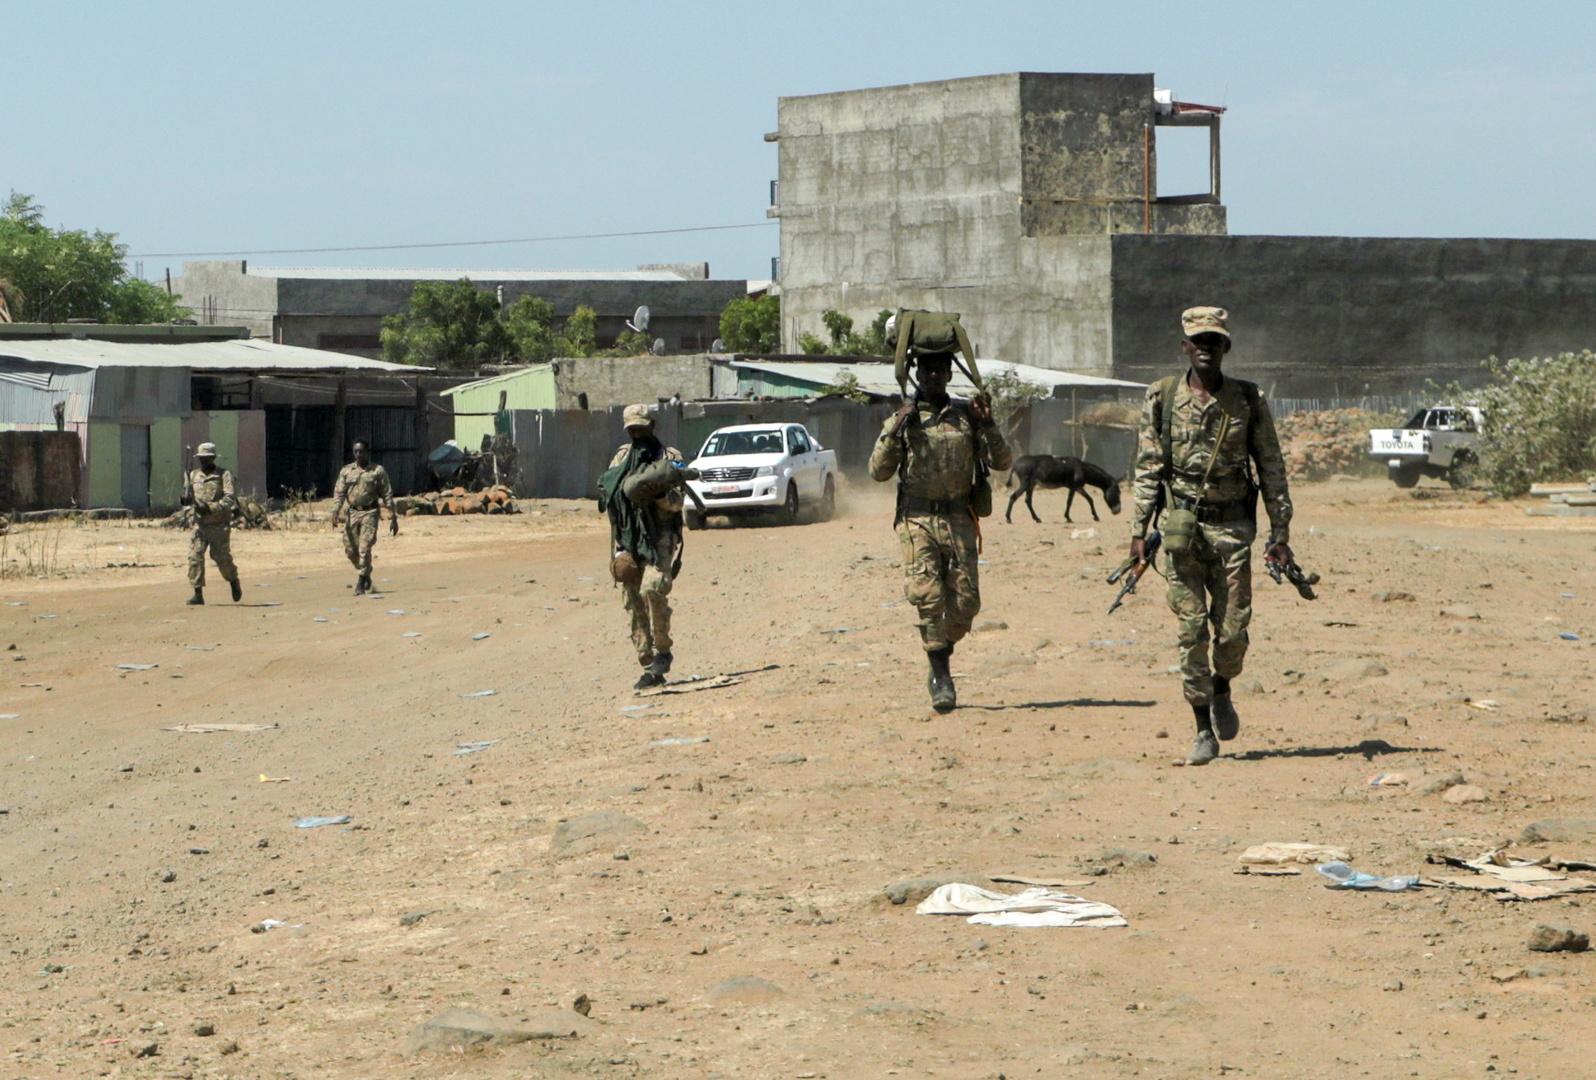 إثيوبيا.. متمردو تغراي يعلنون عن تعرض عاصمة الإقليم لقصف عنيف